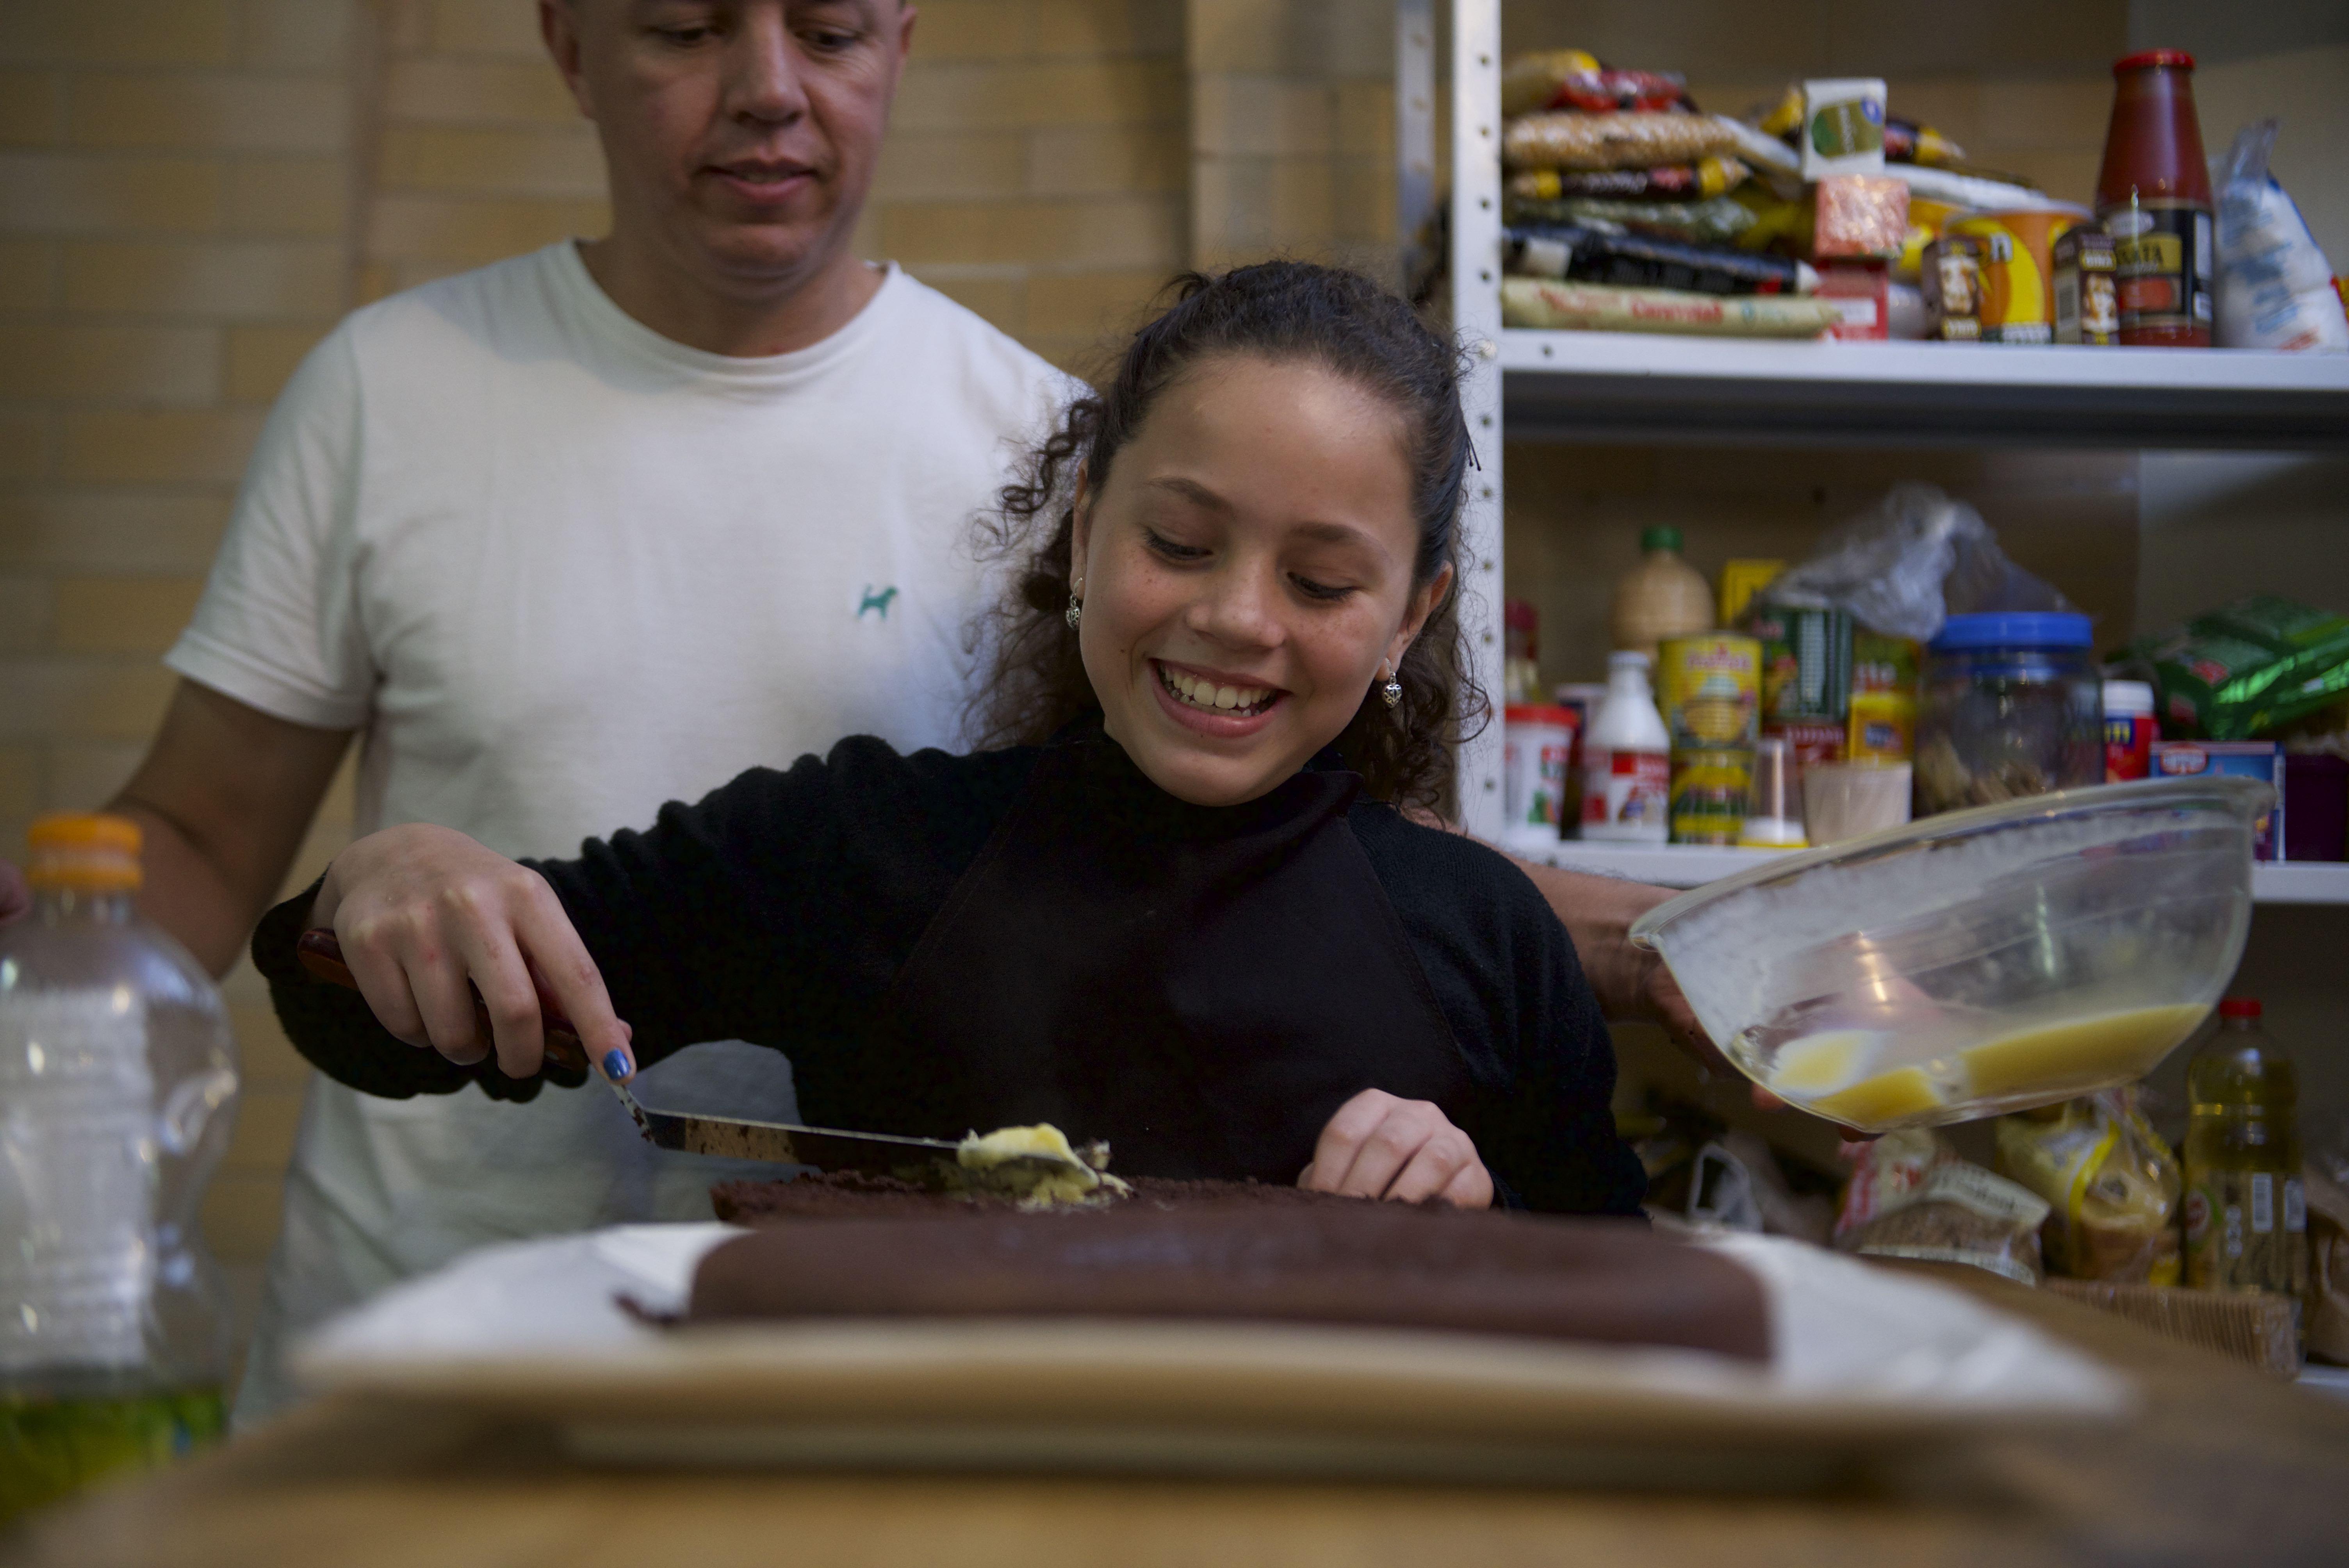 Fernanda, una niña de 10 años, de Curitiba, Brasil, hornea un pastel con su padre. Como parte del programa Niños y jóvenes, ella se puso la meta de aprender a cocinar.